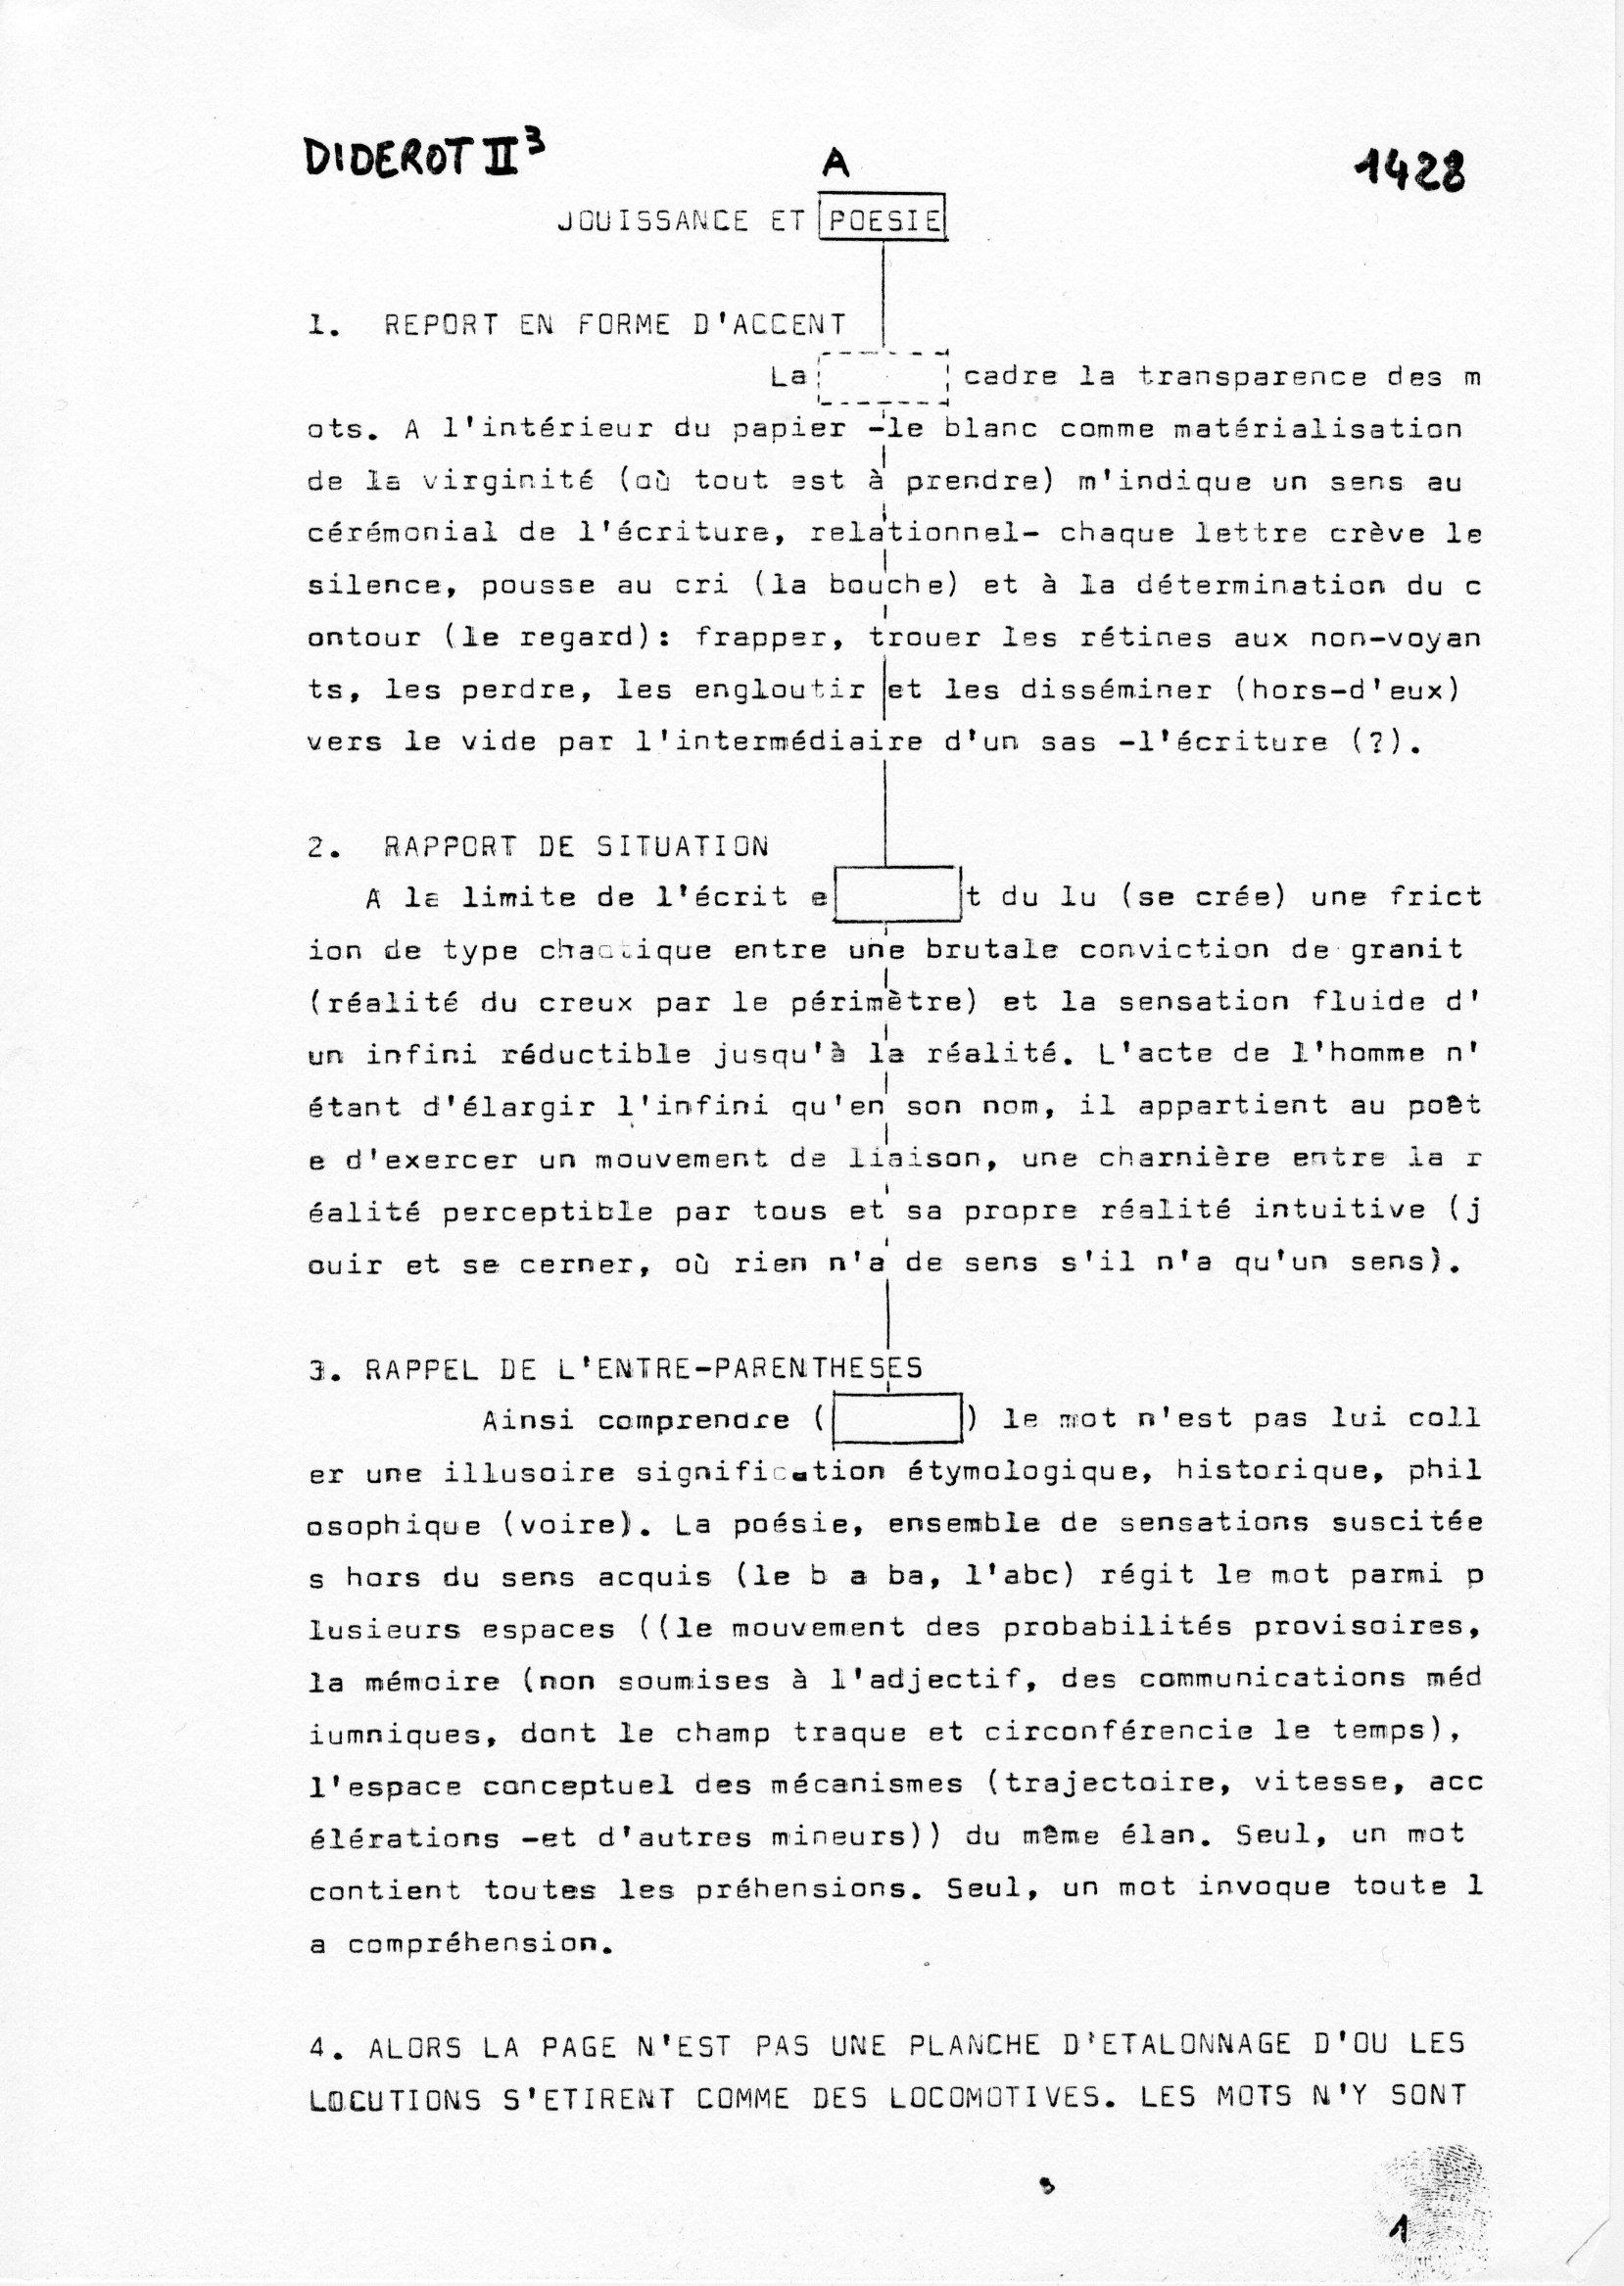 page 1428 Diderot II p3 JOUISSANCE ET POESIE